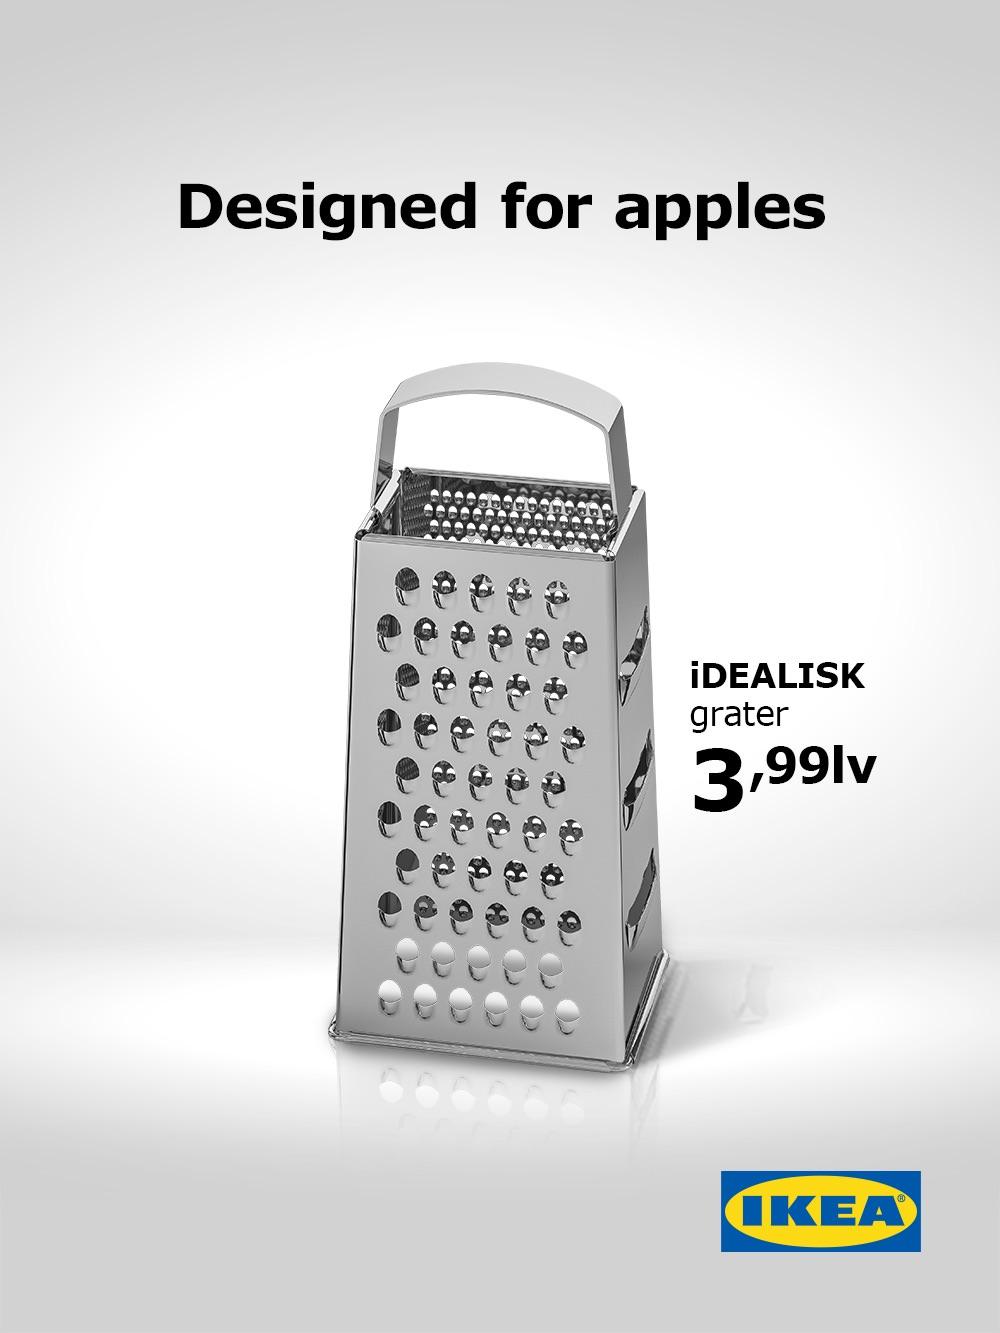 IKEA、新型Mac Proをからかう「おろし金」広告が登場――「リンゴのためのおろし金、価格は250円」